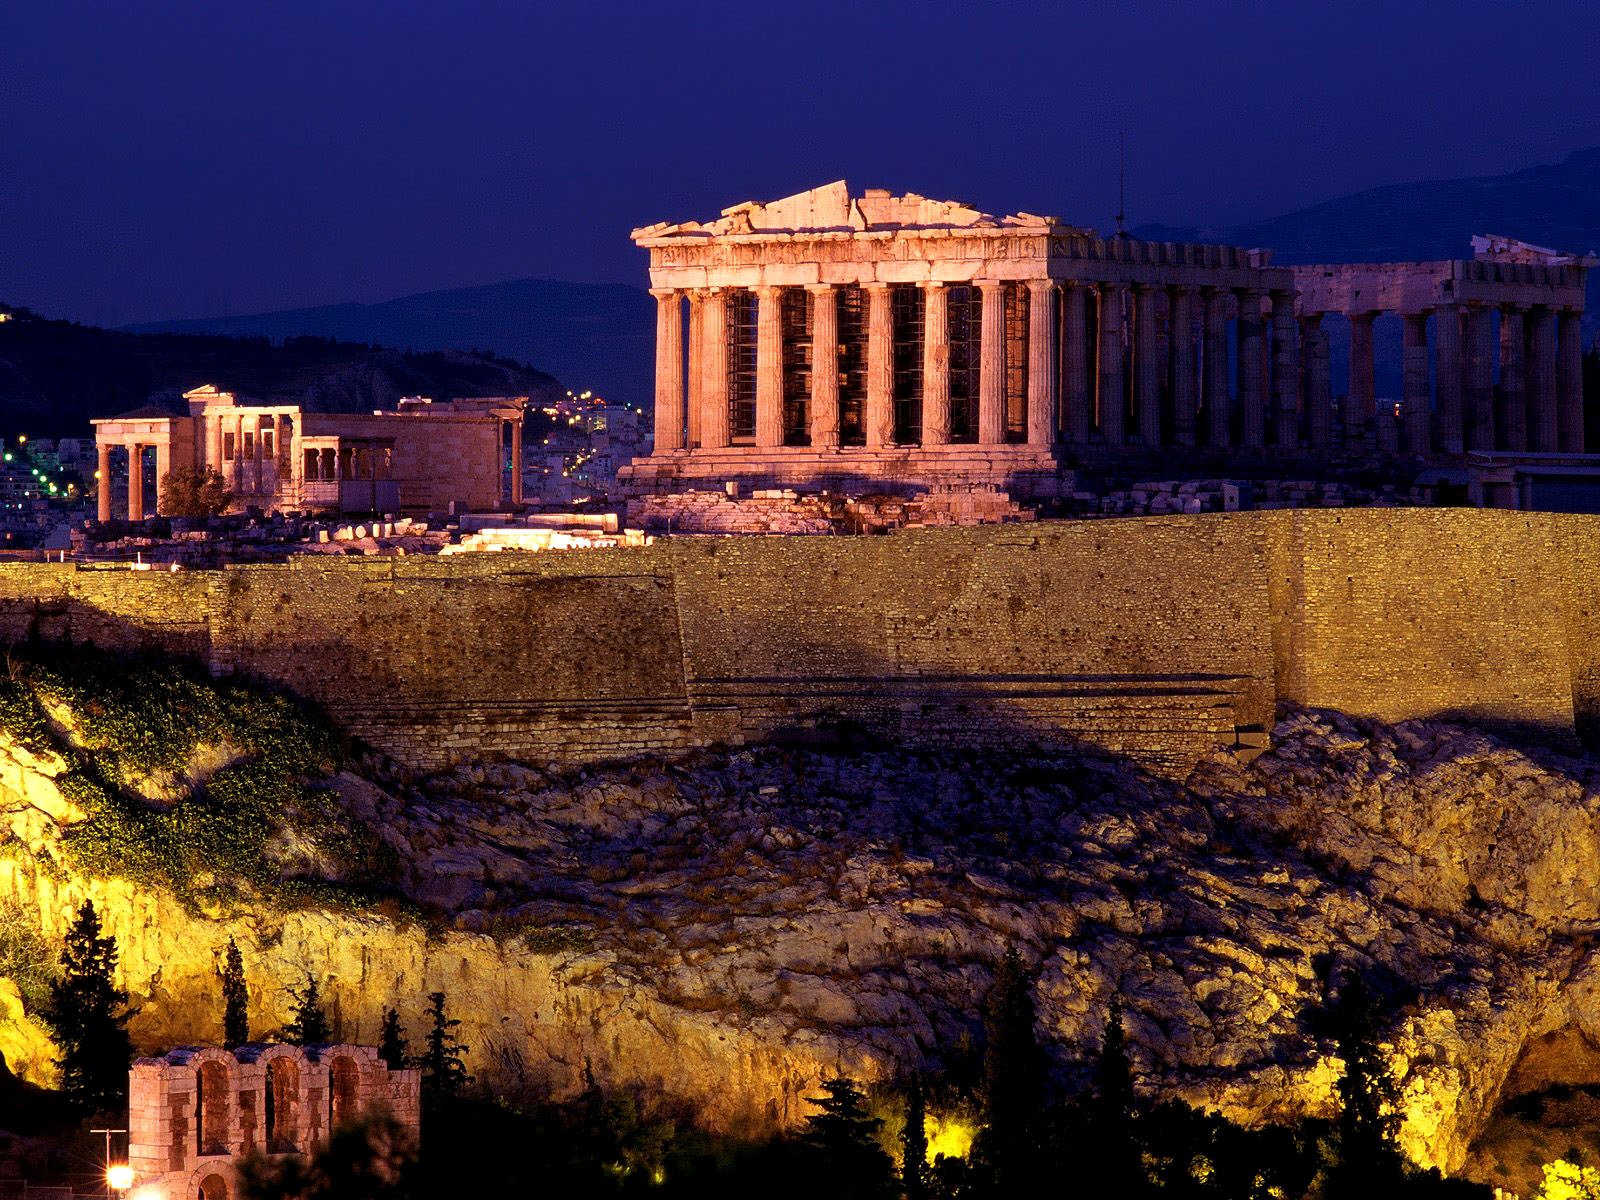 アクロポリス(ギリシャ、アテネ) 壁紙 - The Acropolis, Athene, Greece WALLPAPER